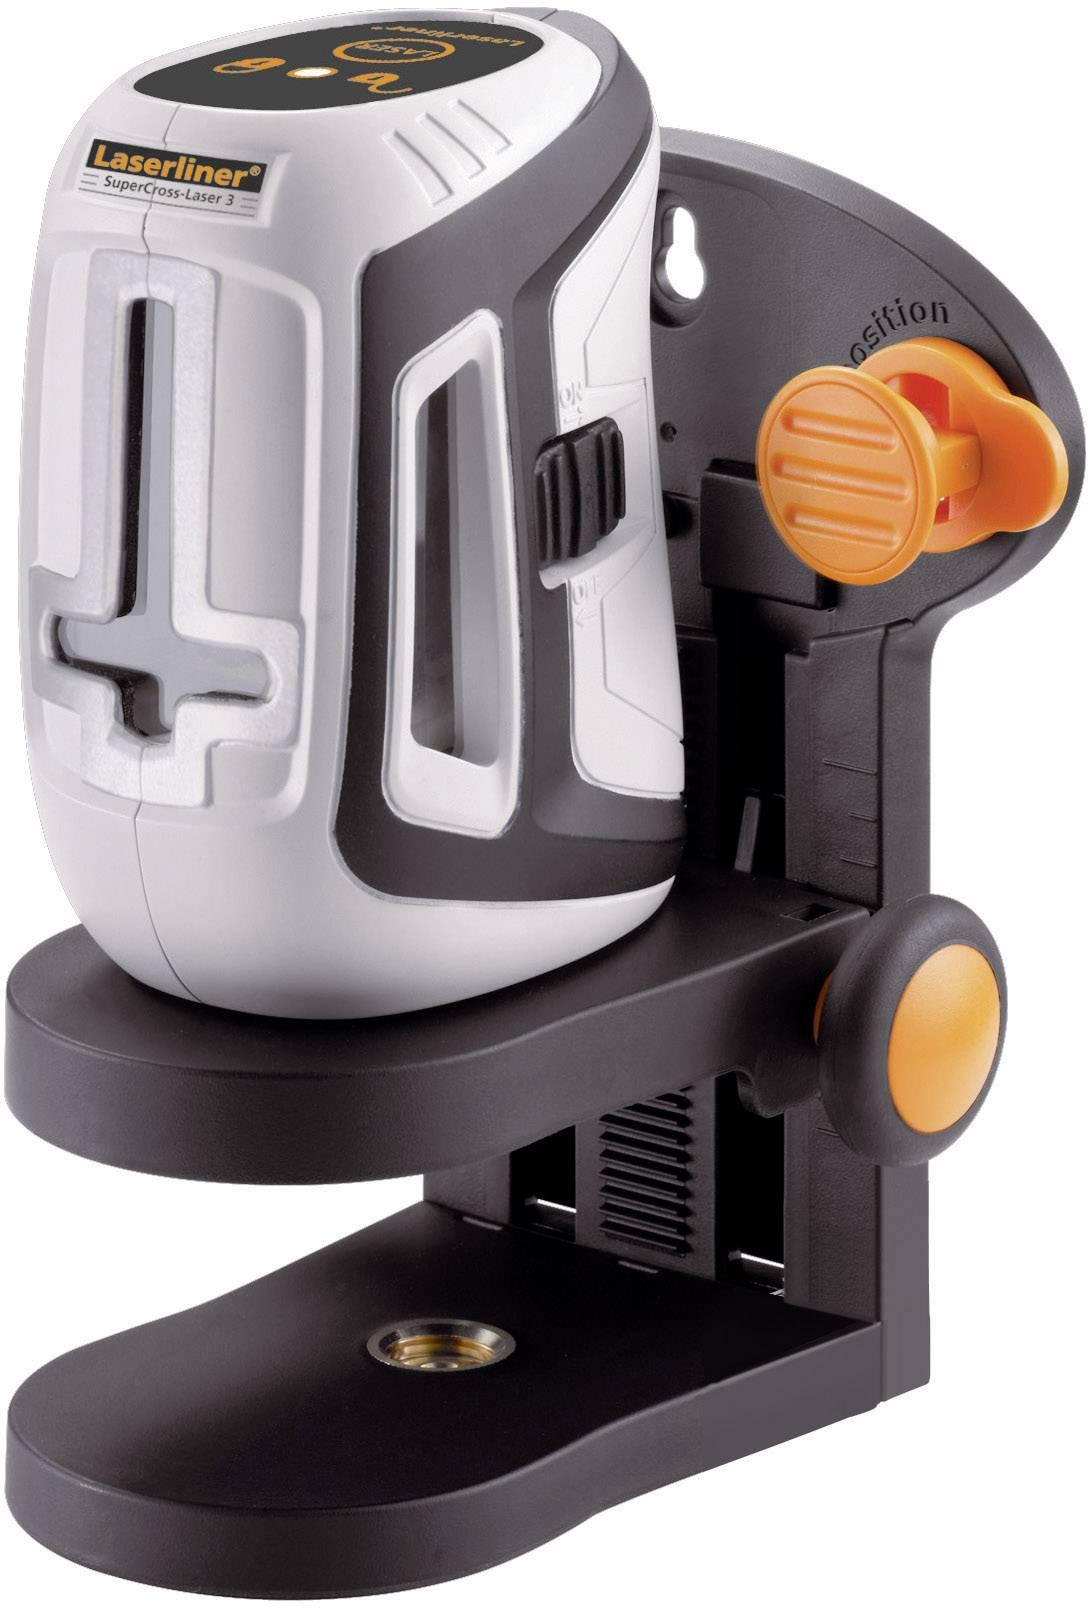 Krížový laser Supercross-Laser 3 Laserliner 081.140A